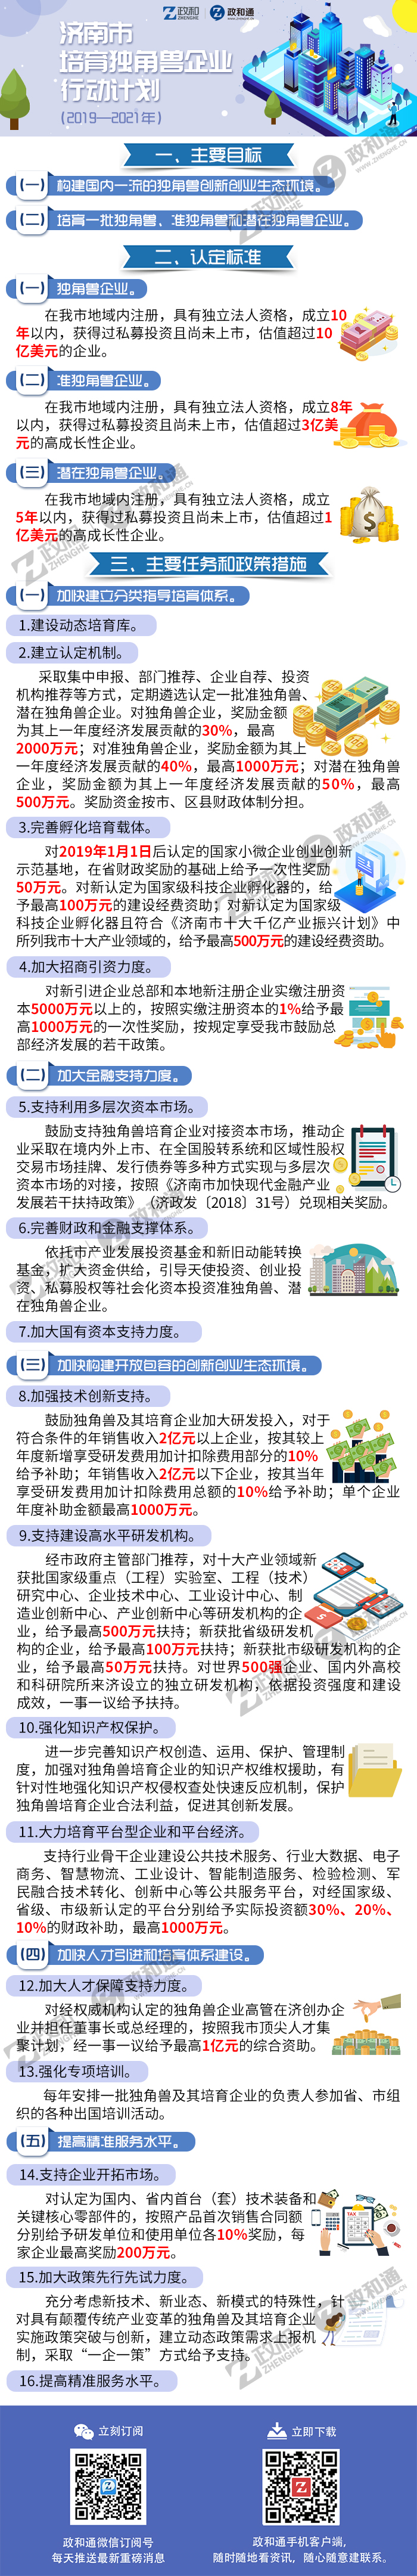 政和通 济南市培育独角兽企业行动计划.jpg